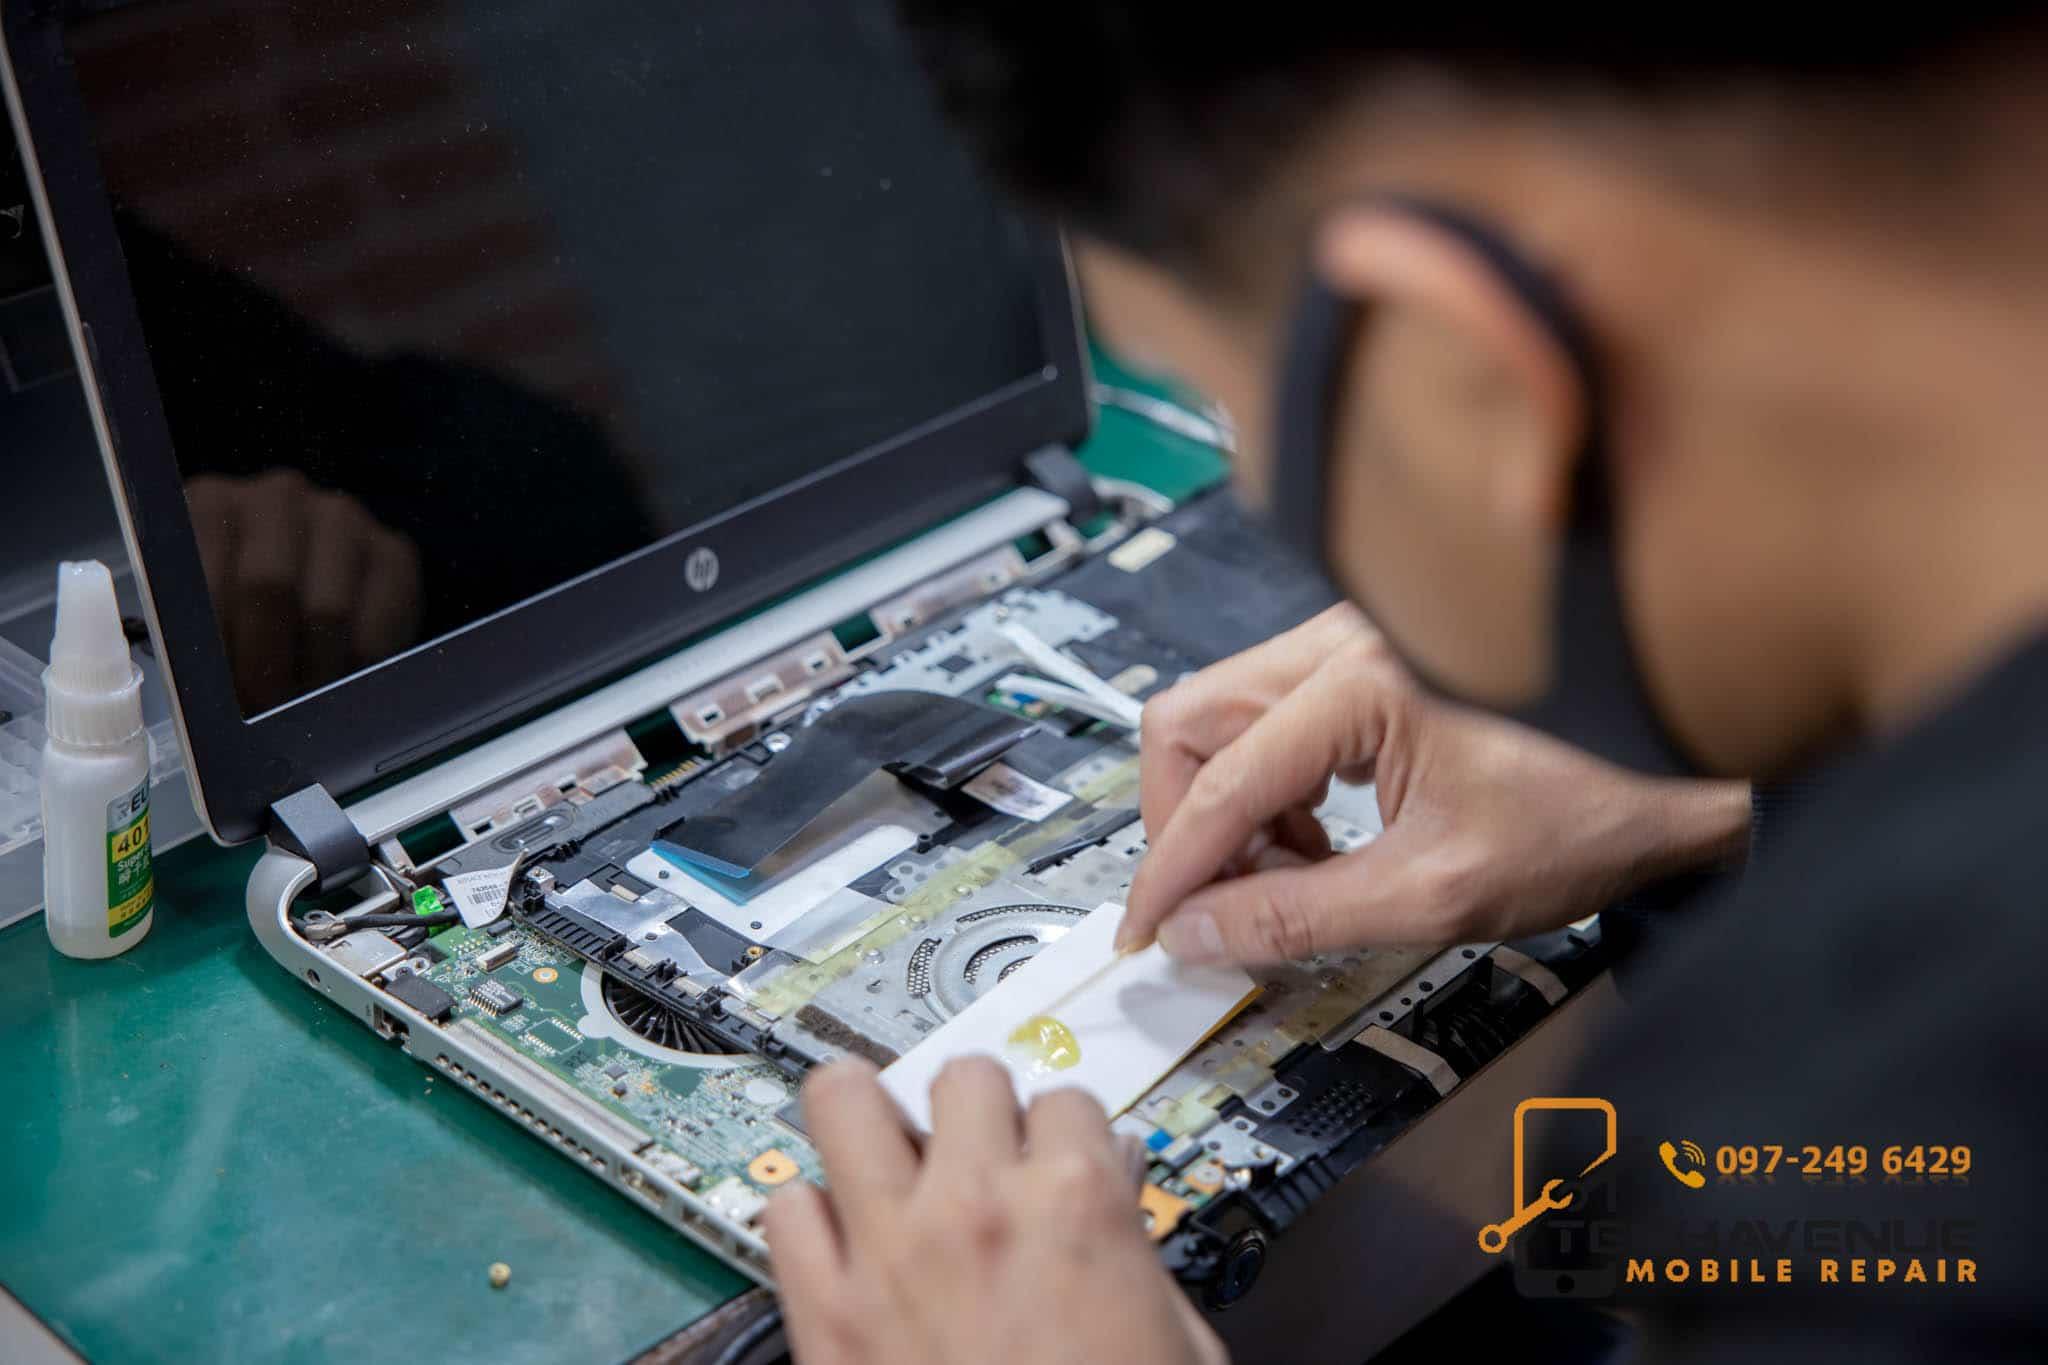 ซ่อมมือถือ ในกรุงเทพ ร้านไหนดีที่สุด ข้อมูลไม่หลุด ปลอดภัย ไร้กังวล